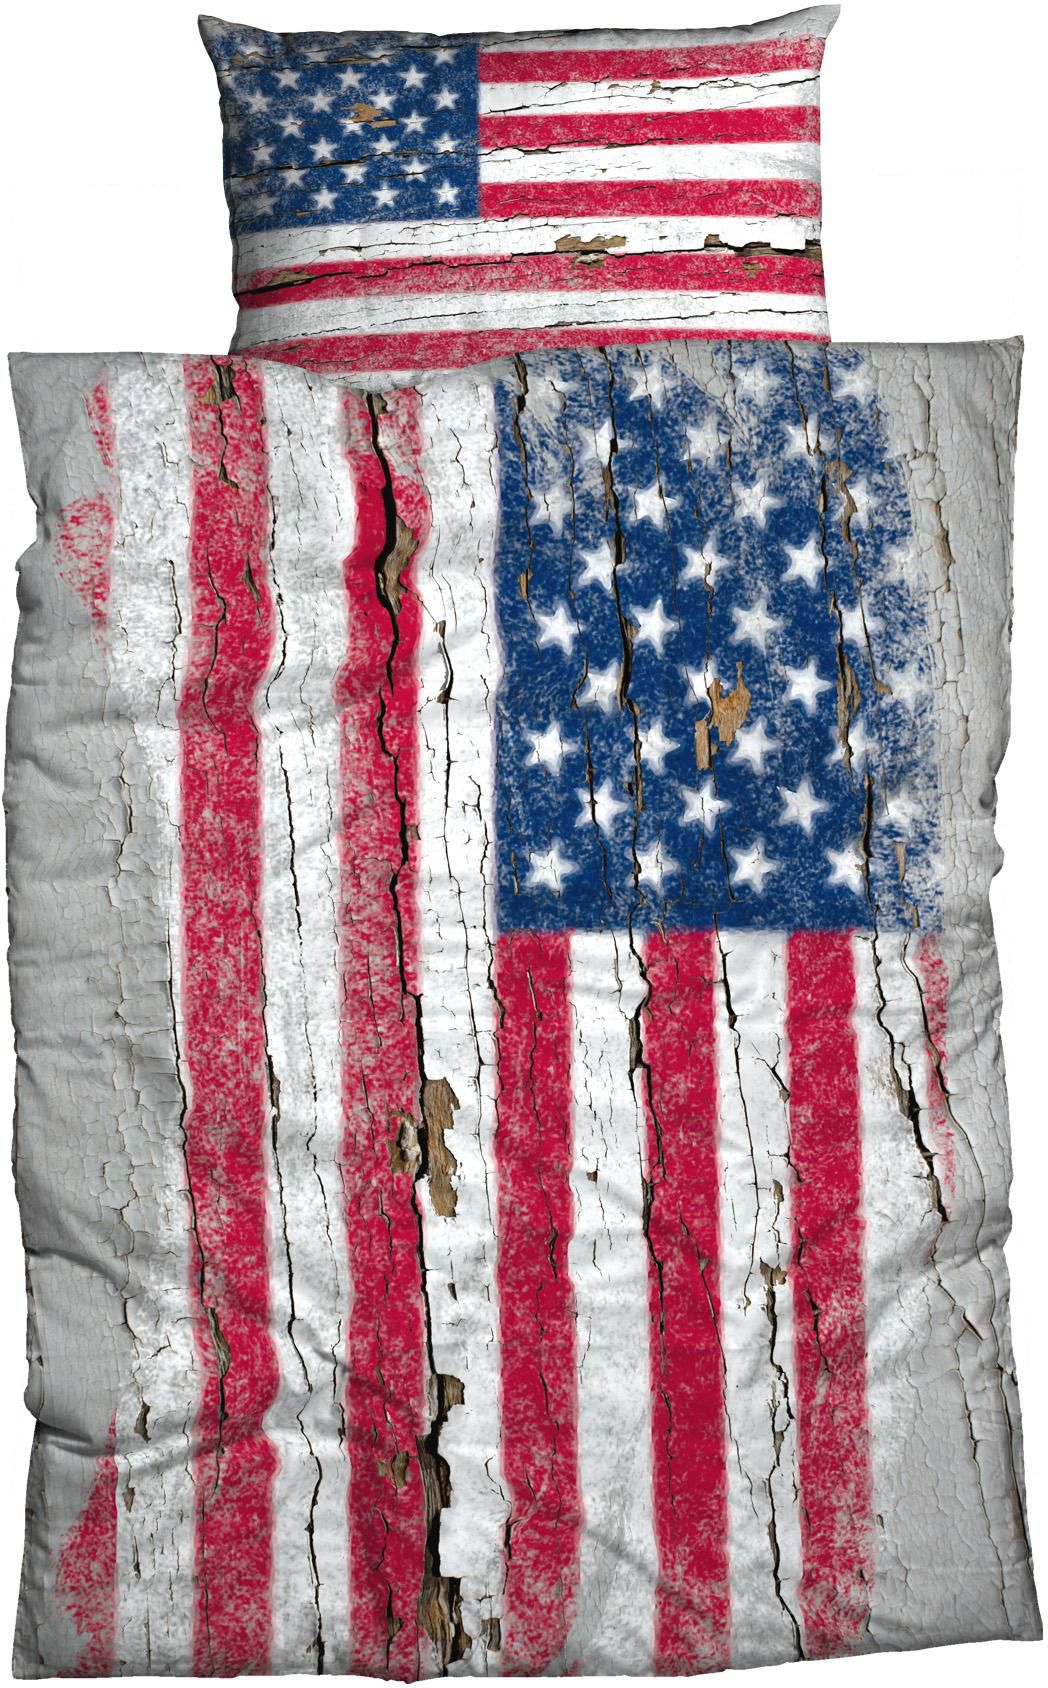 CASATEX Bettwäsche, Casatex, »Stars & Stripes«, mit Flagge